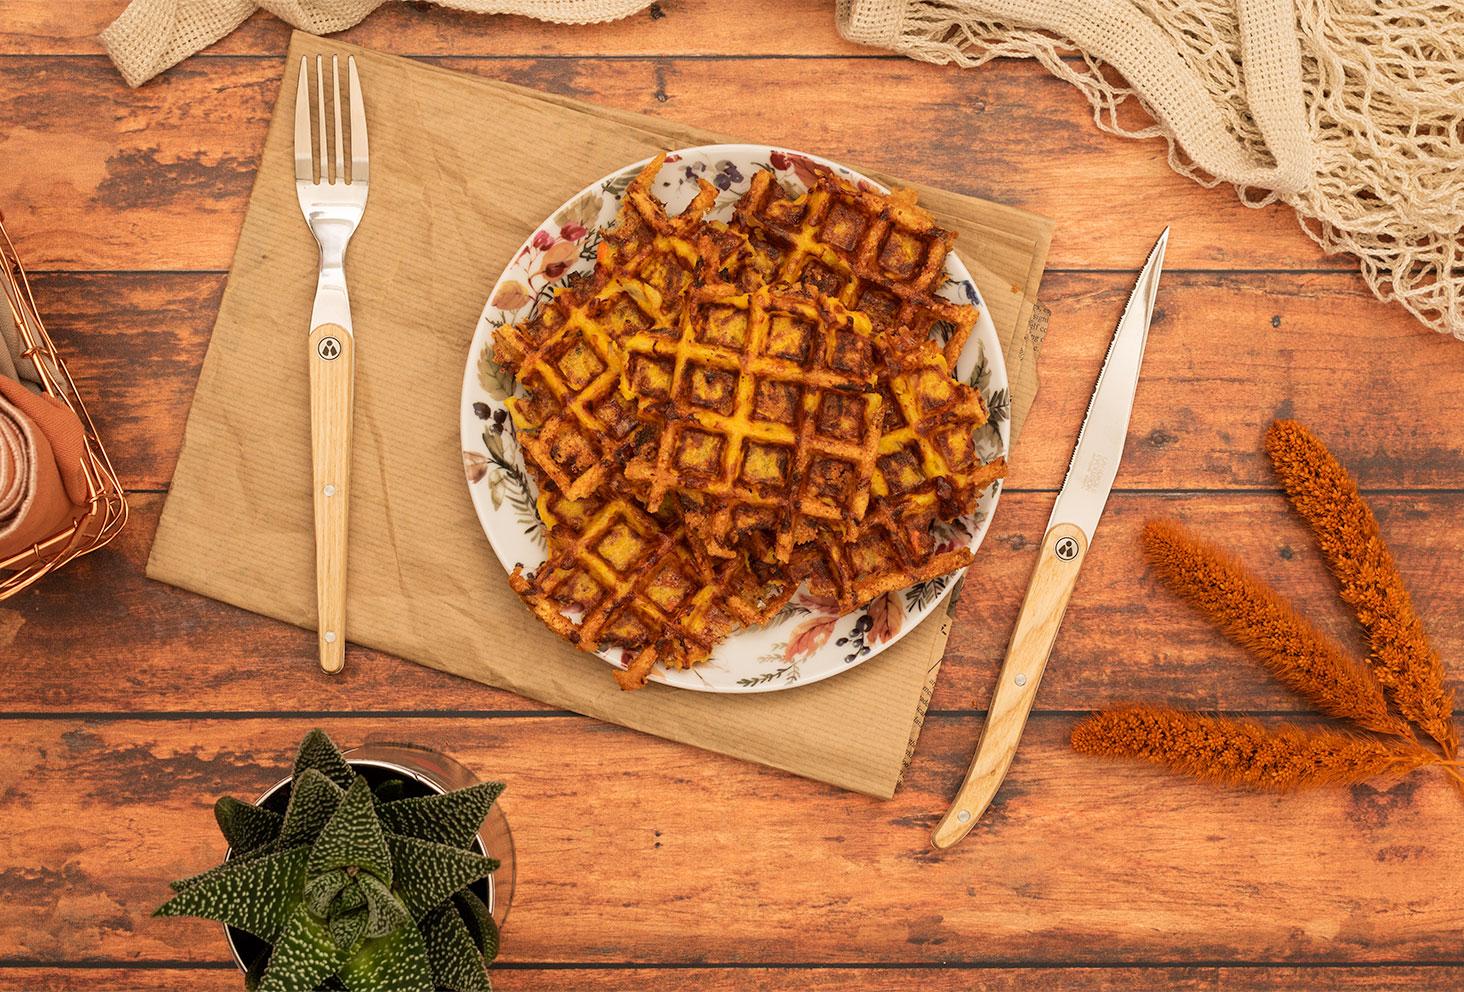 Des gaufres de potimarron dans une assiette vintage sur une table en bois prêtes à être mangé